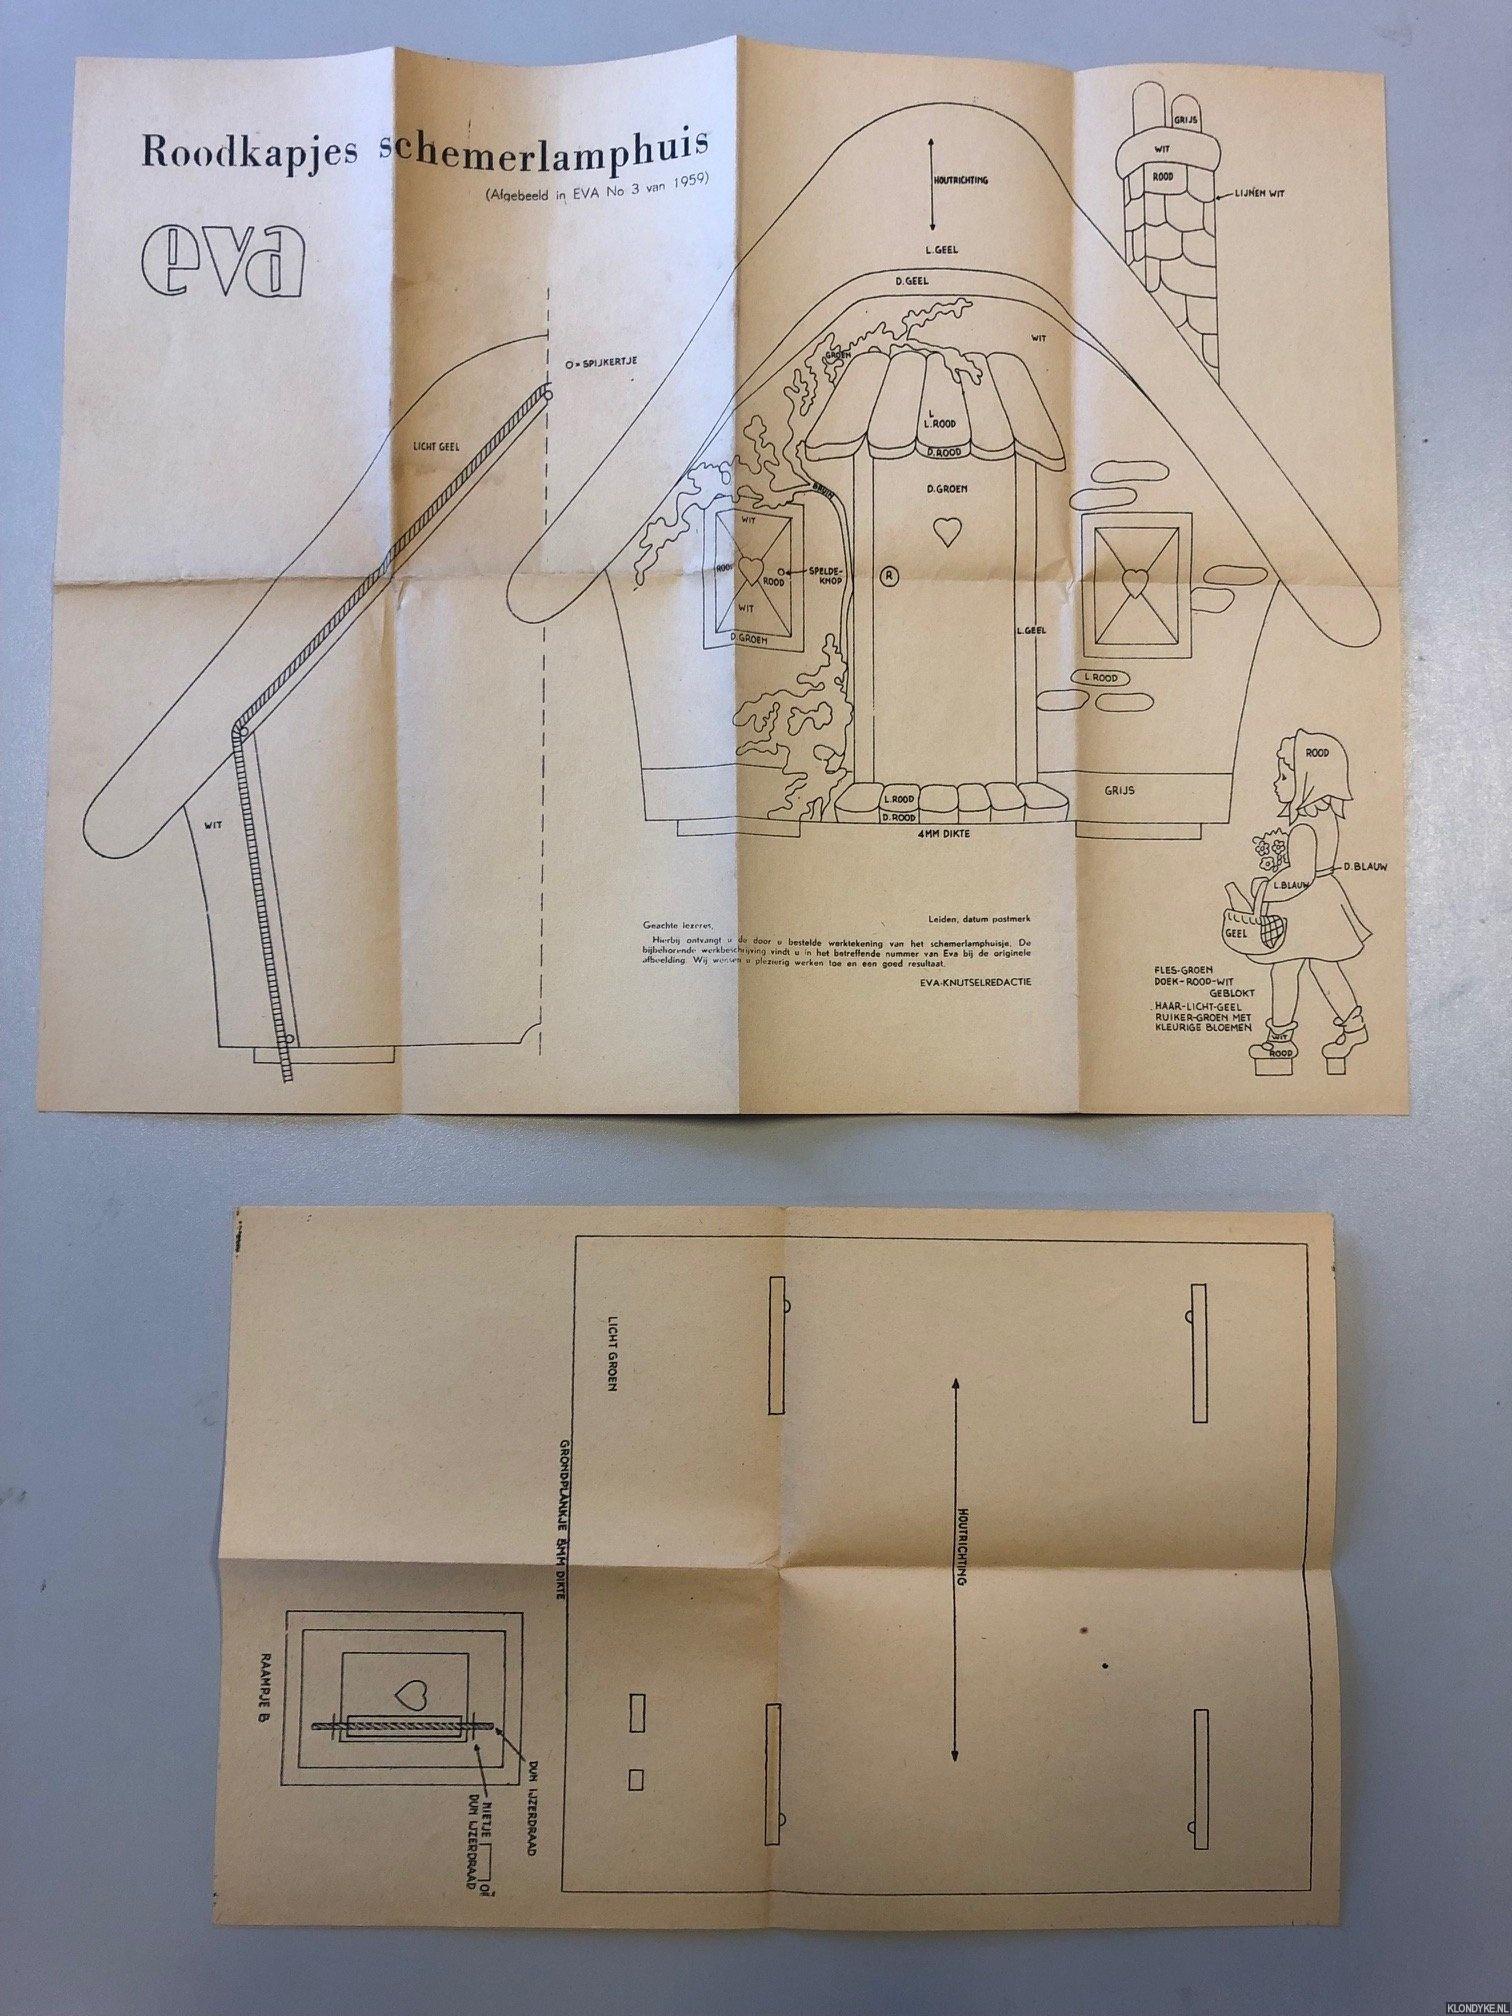 EVA-KNUTSELREDACTIE - Roodkapjes schemerlamphuis (afgebeeld in Eva No 3 van 1959)